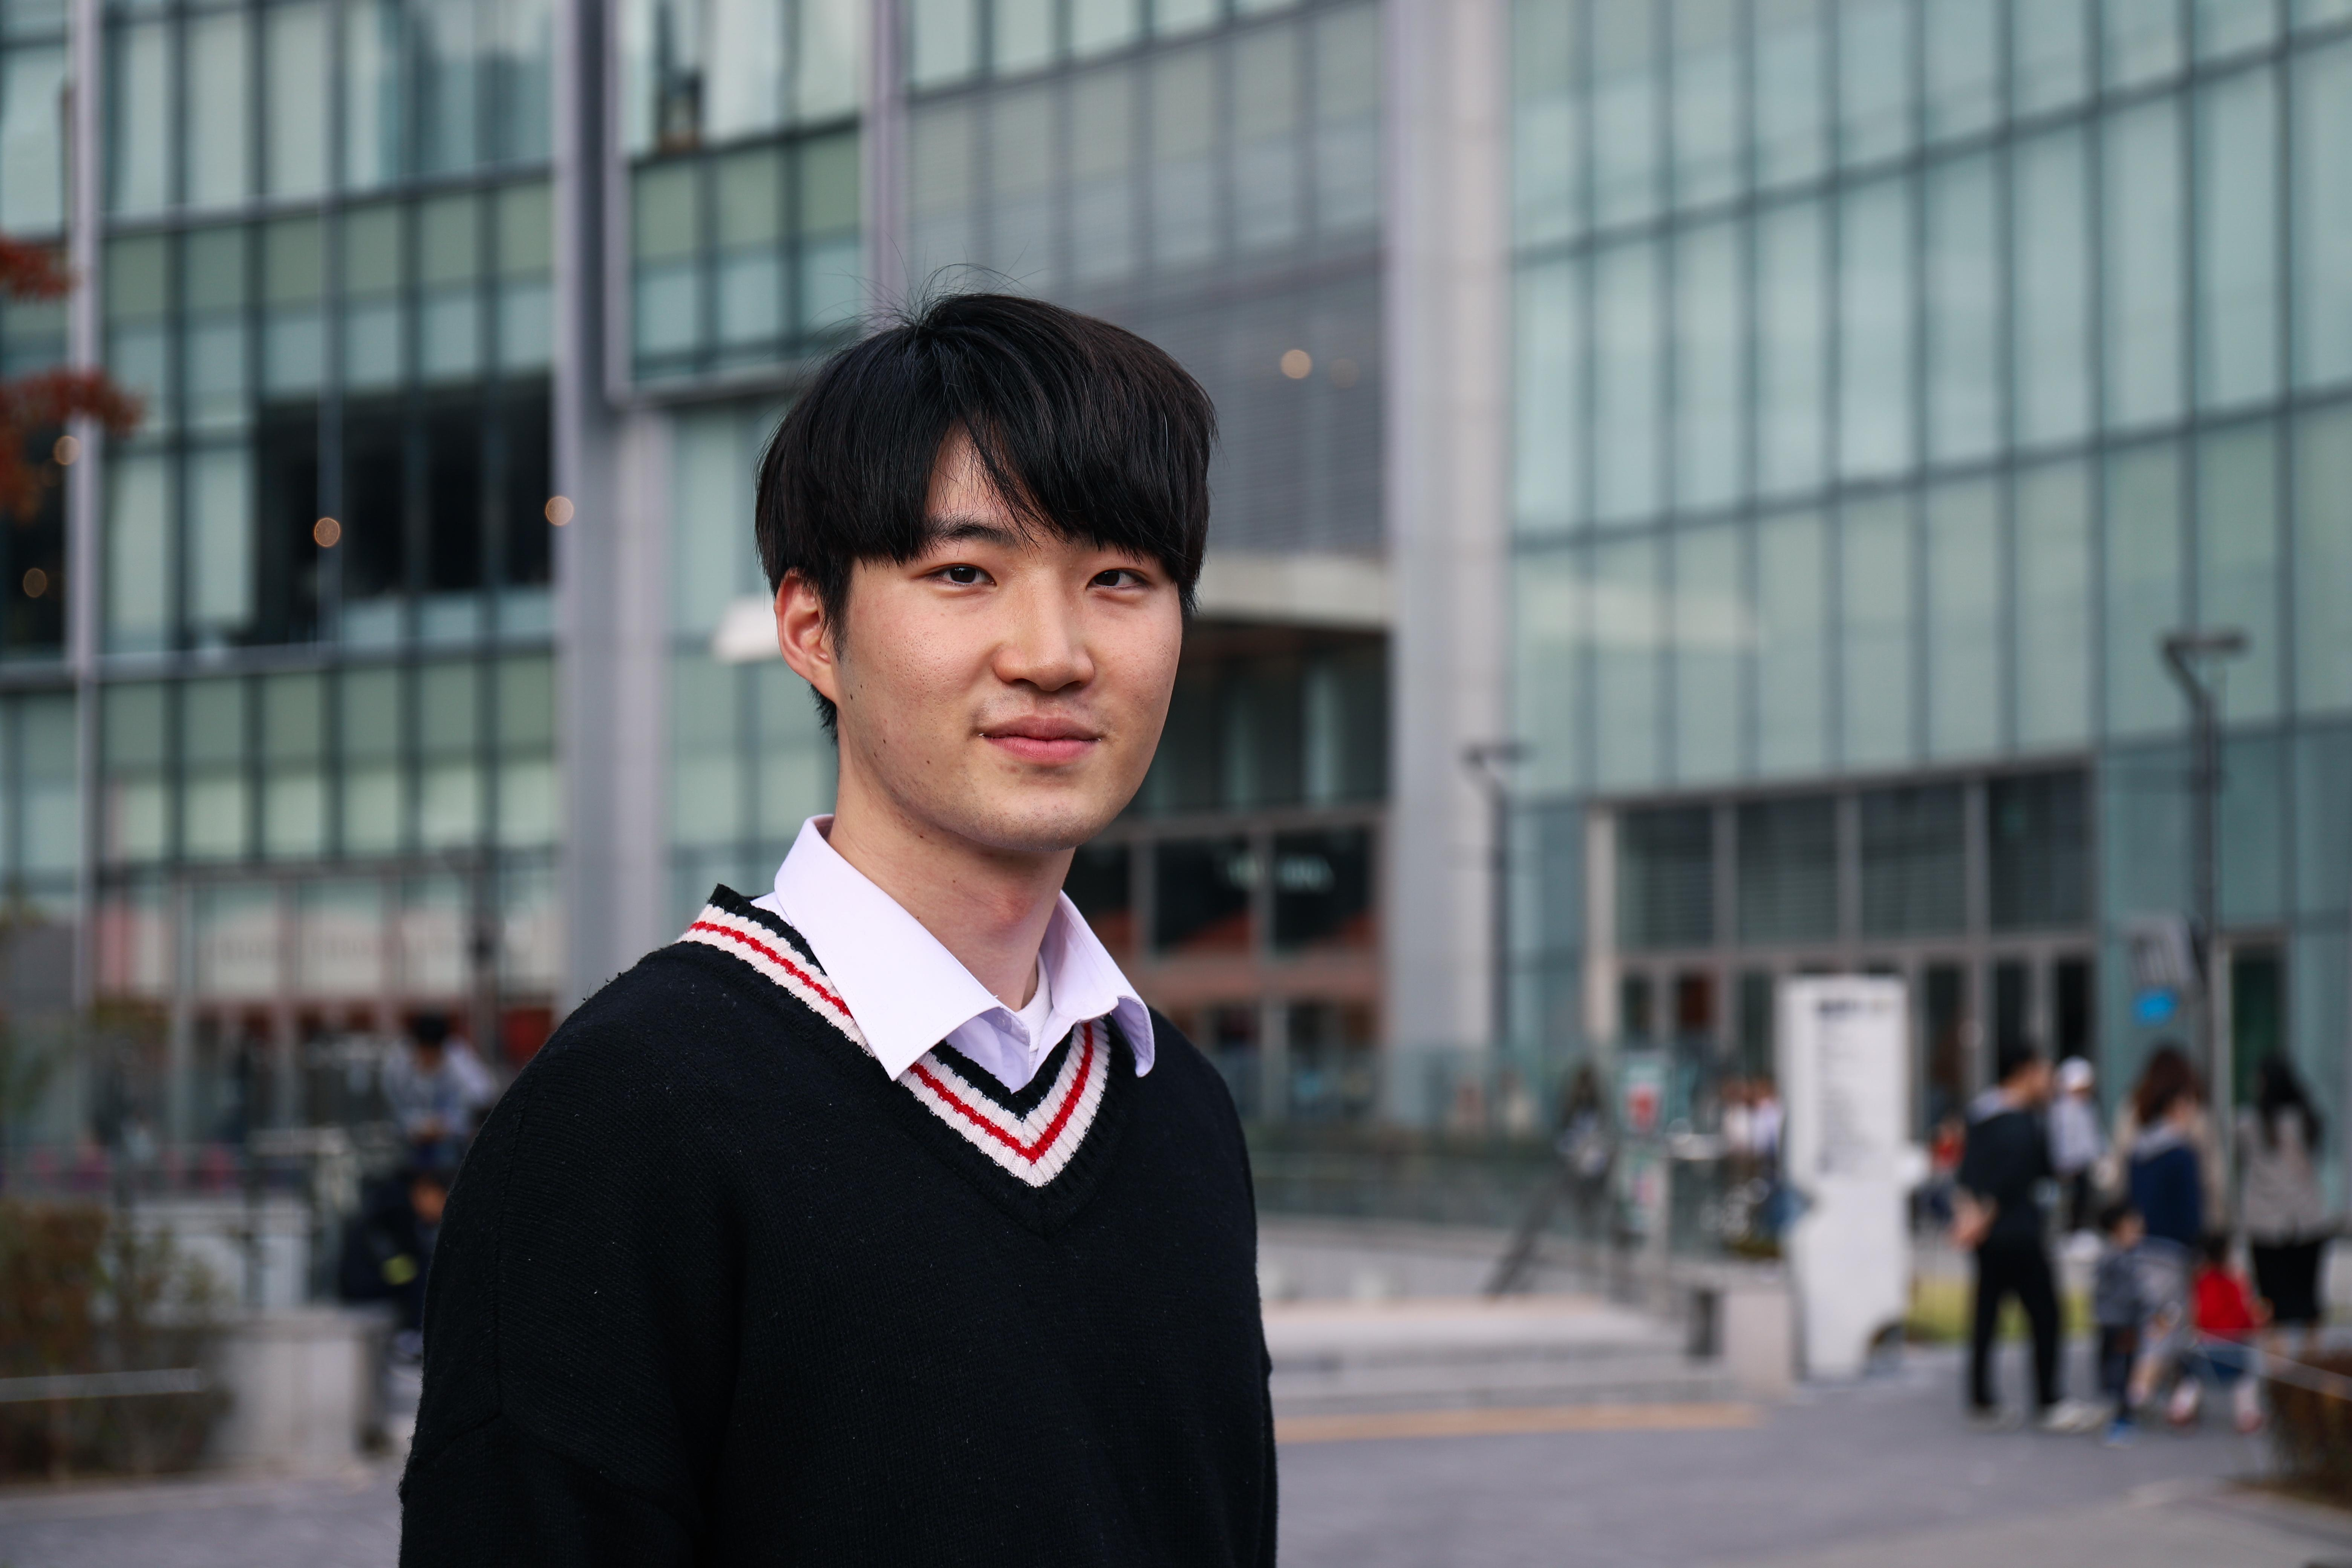 Schönheitsoperationen: In Seoul scheint alles höher, besser, eleganter – und Hojung Yu möchte mithalten.